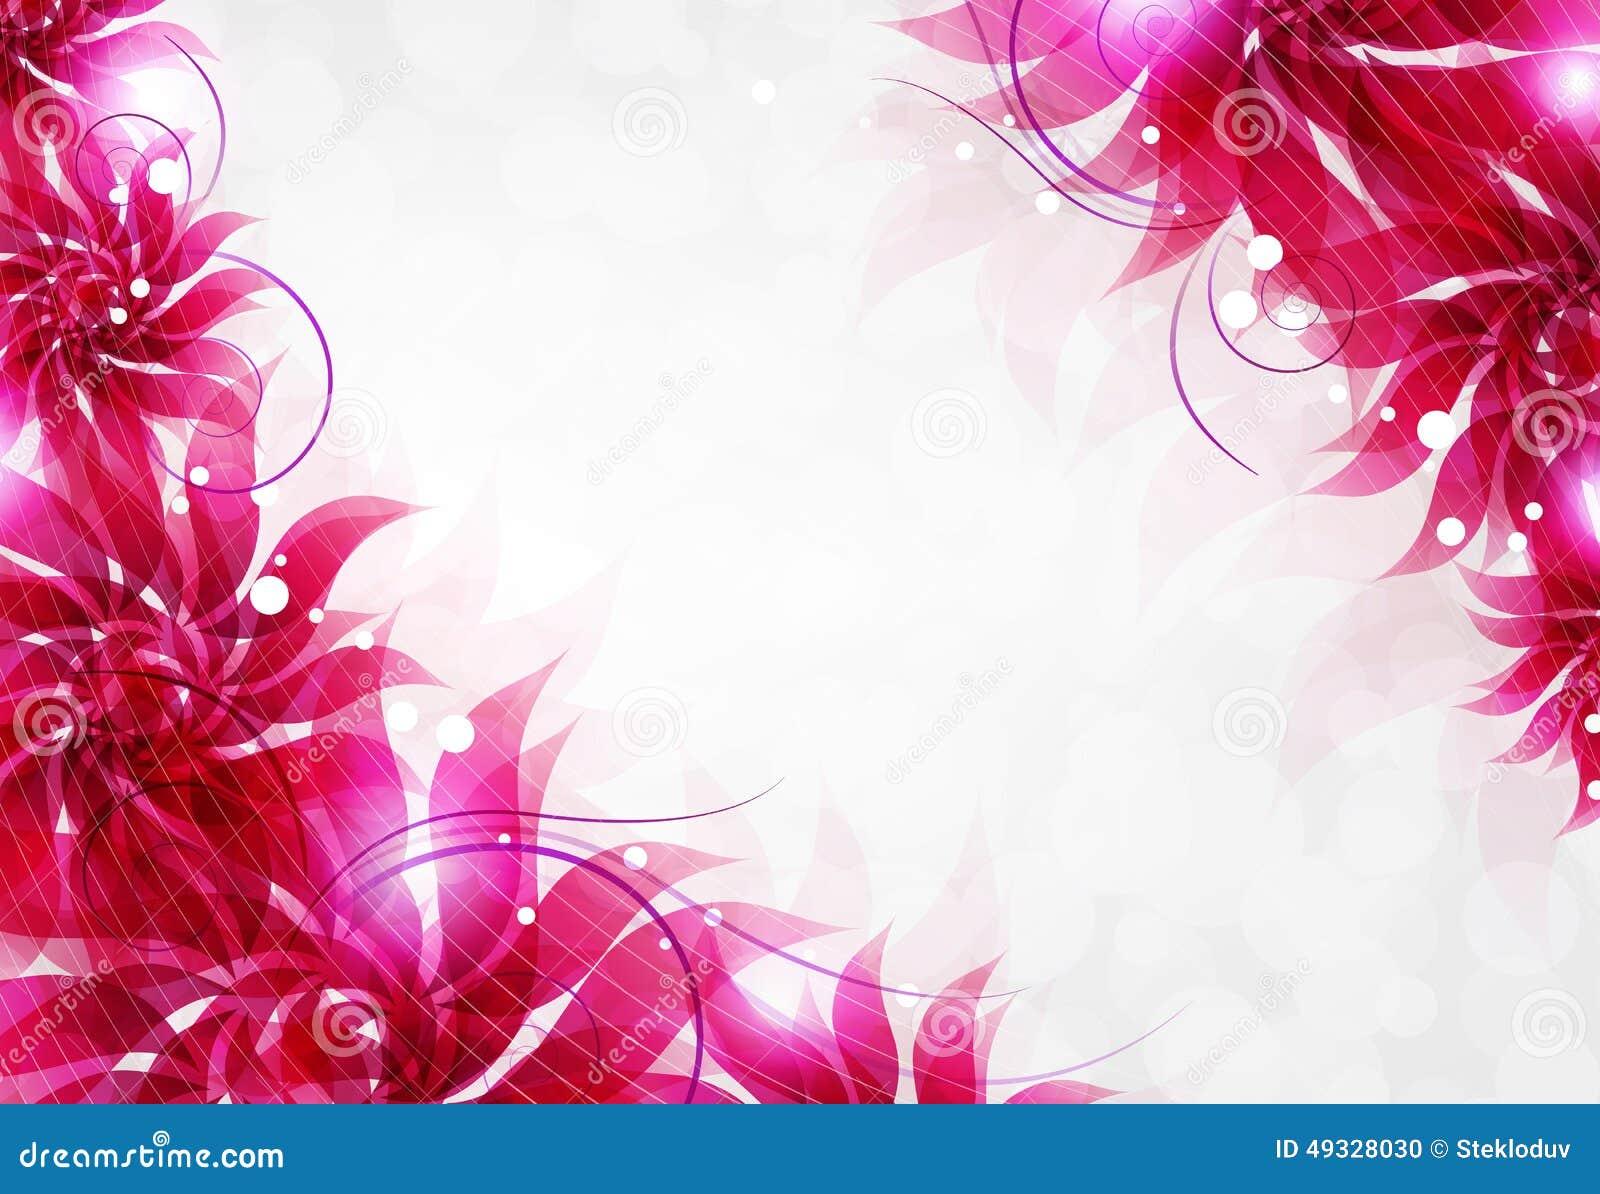 Flores Vectoriales Con Fondo Transparente: Fondo Transparente De Las Flores Ilustración Del Vector